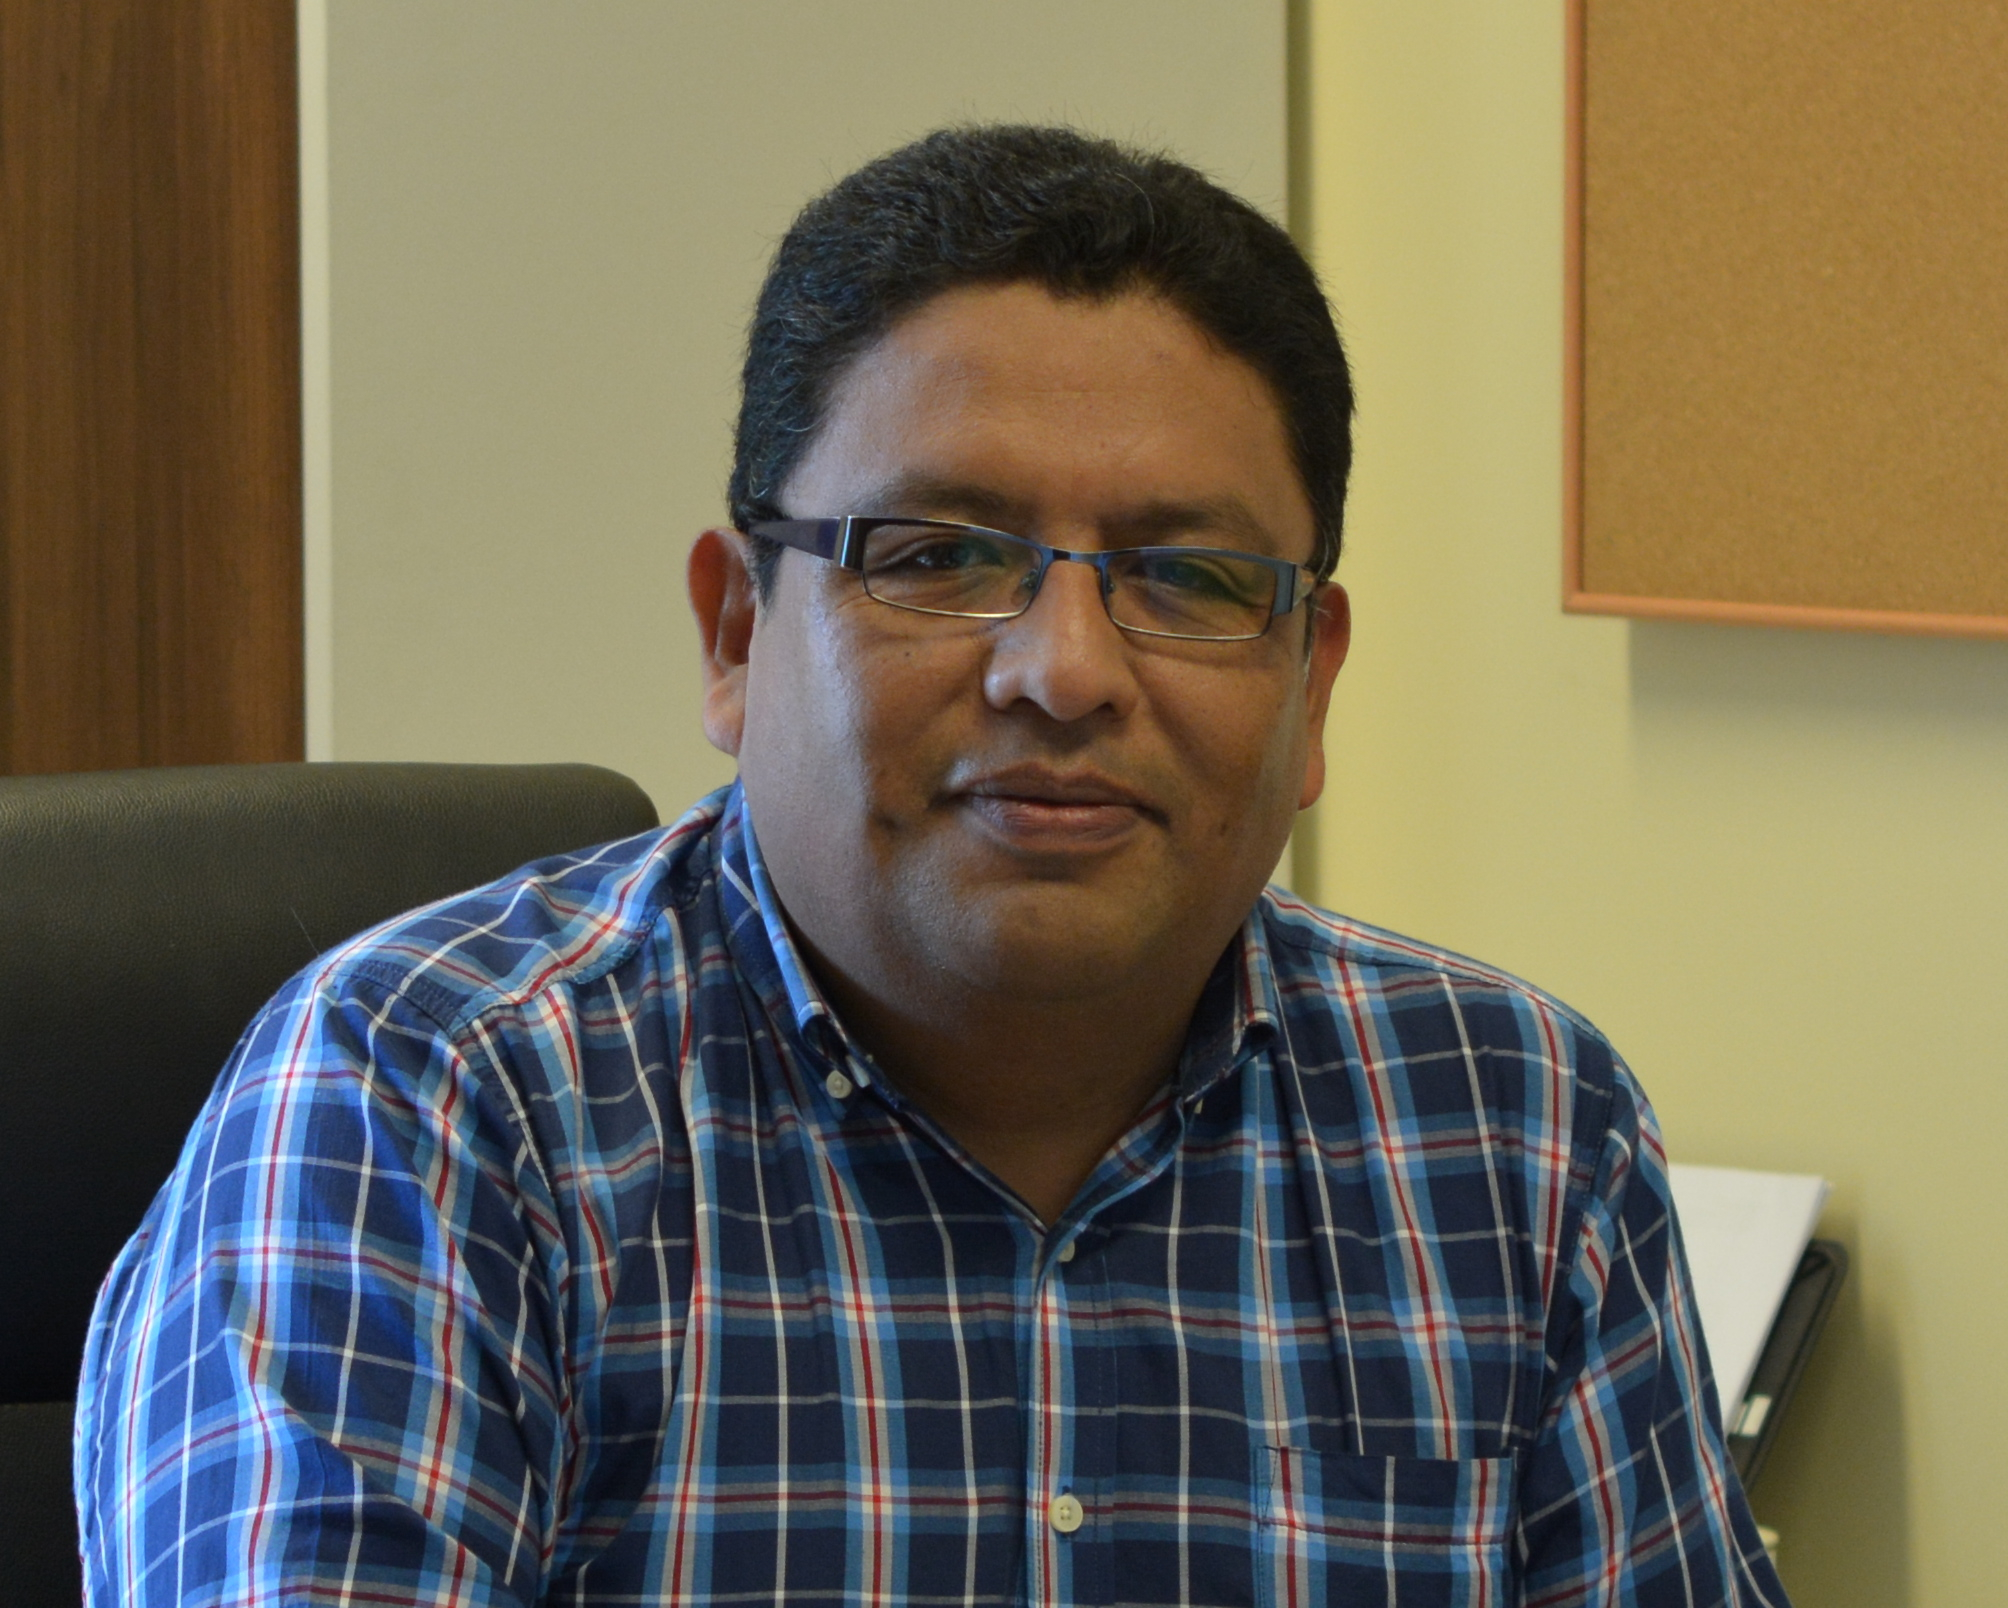 Jaime Morales Saavedra